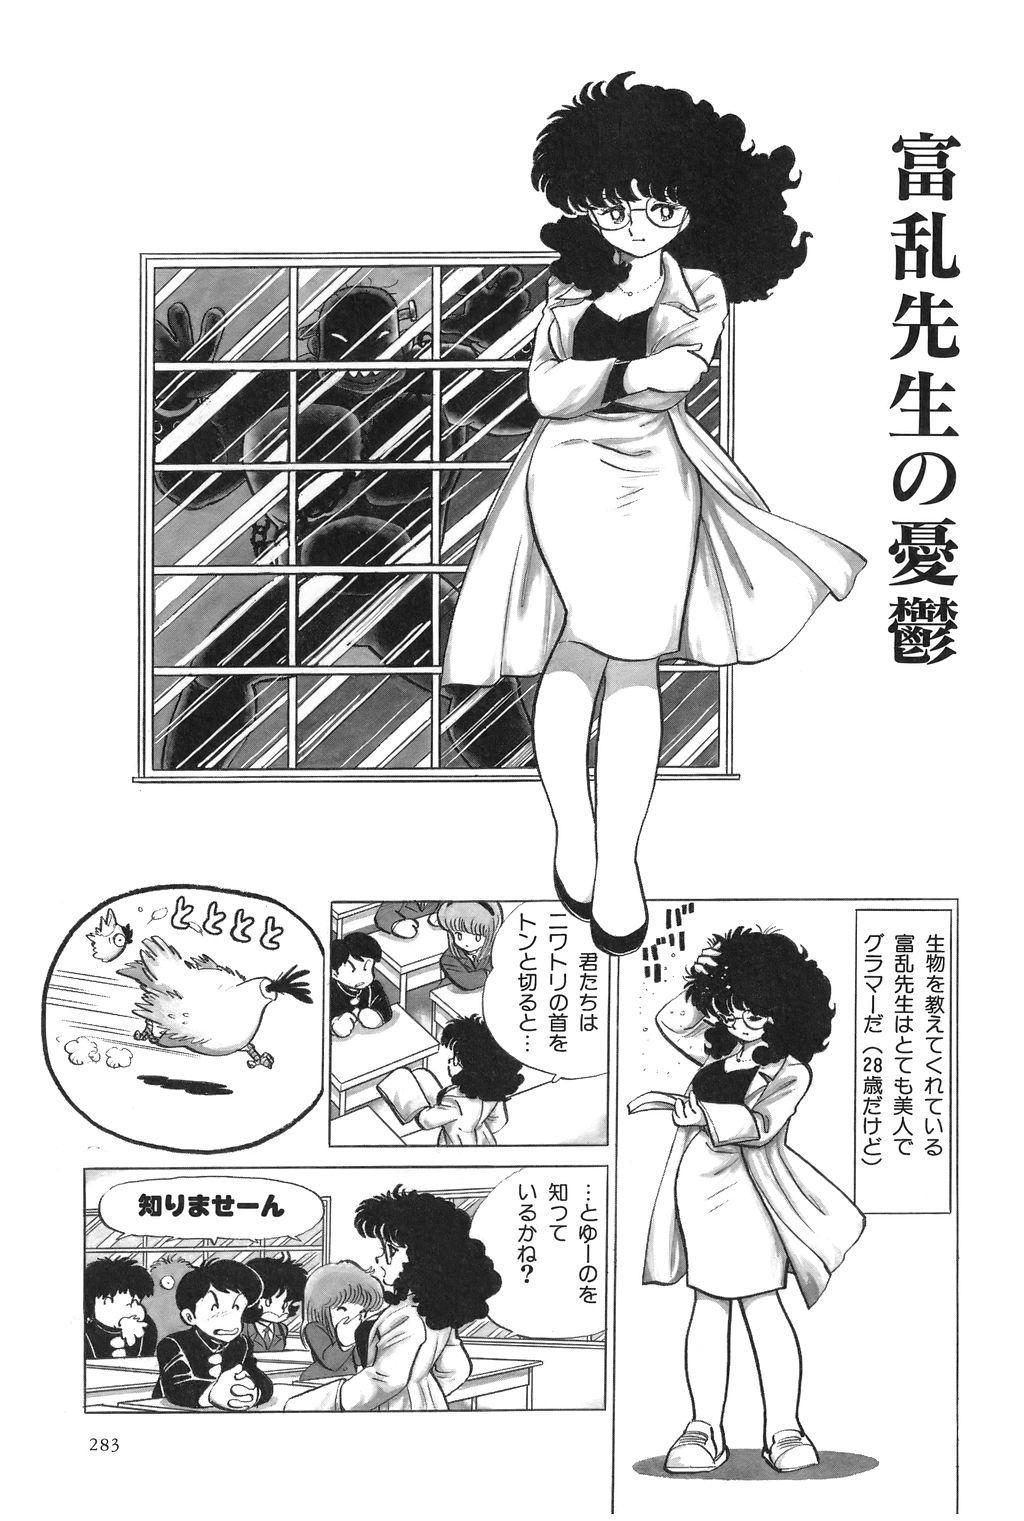 Azuma Hideo Sakuhin Shuusei - Yoru no Tobari no Naka de 284